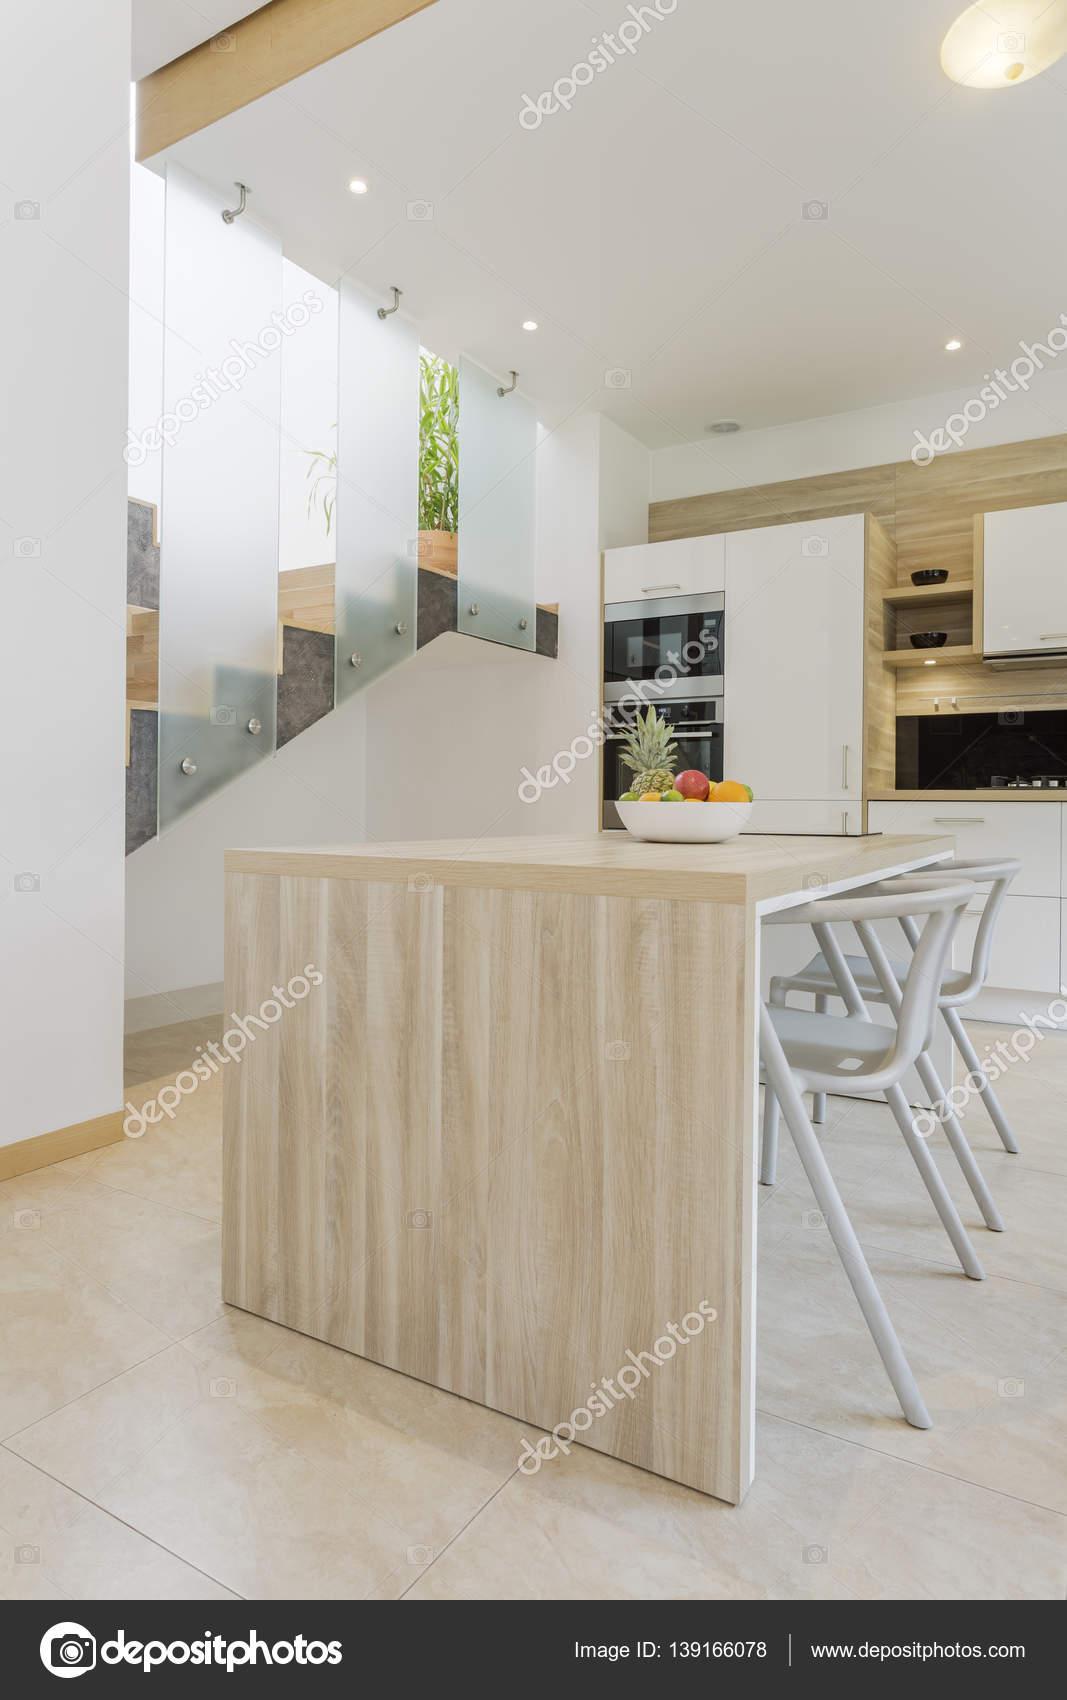 Cozinha Moderna Com Bancada De Madeira Stock Photo Photographee